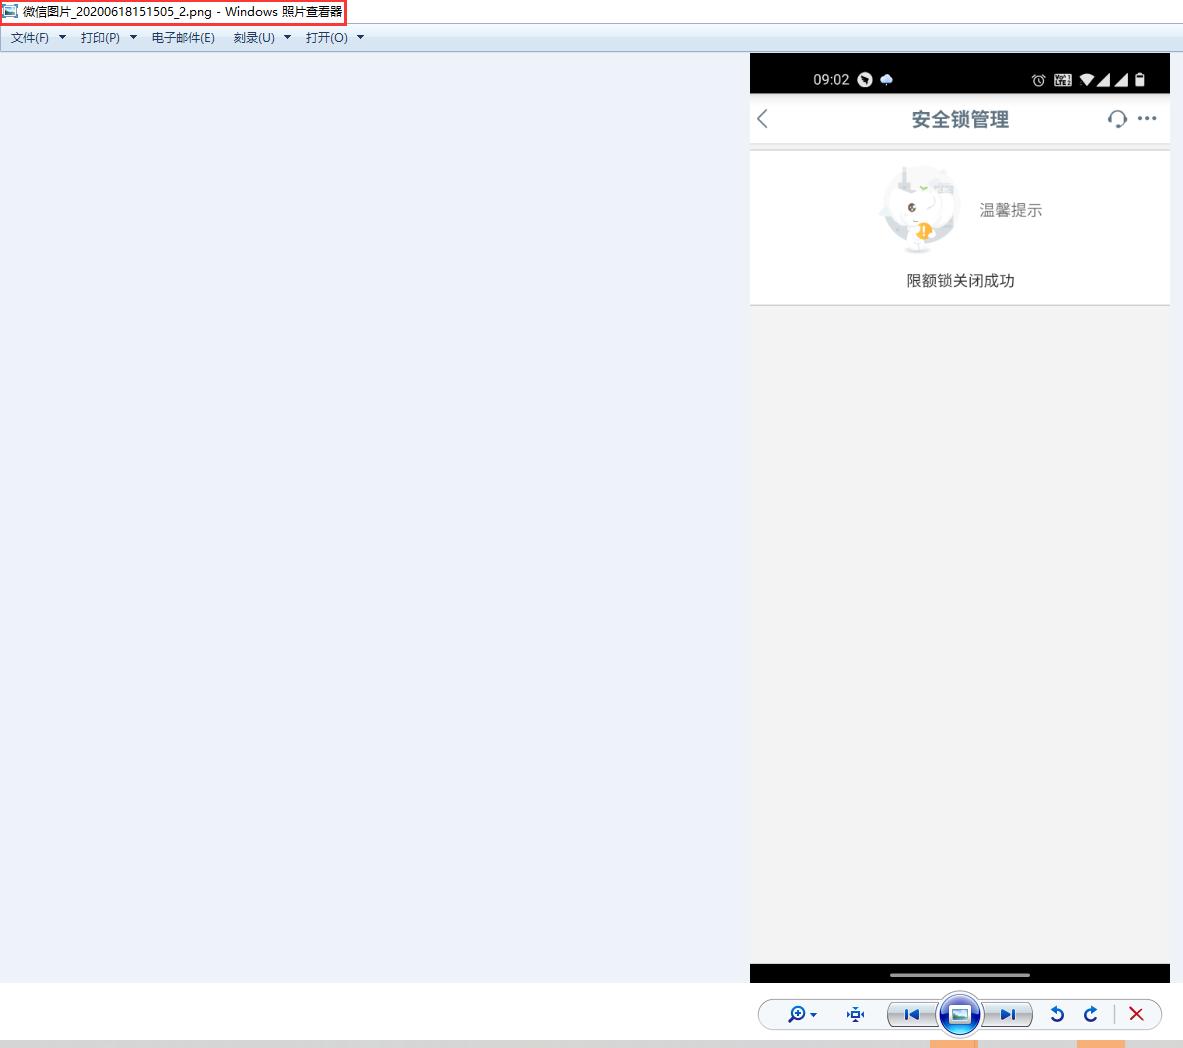 再次使用 Windows 照片查看器,可以显示此图片。